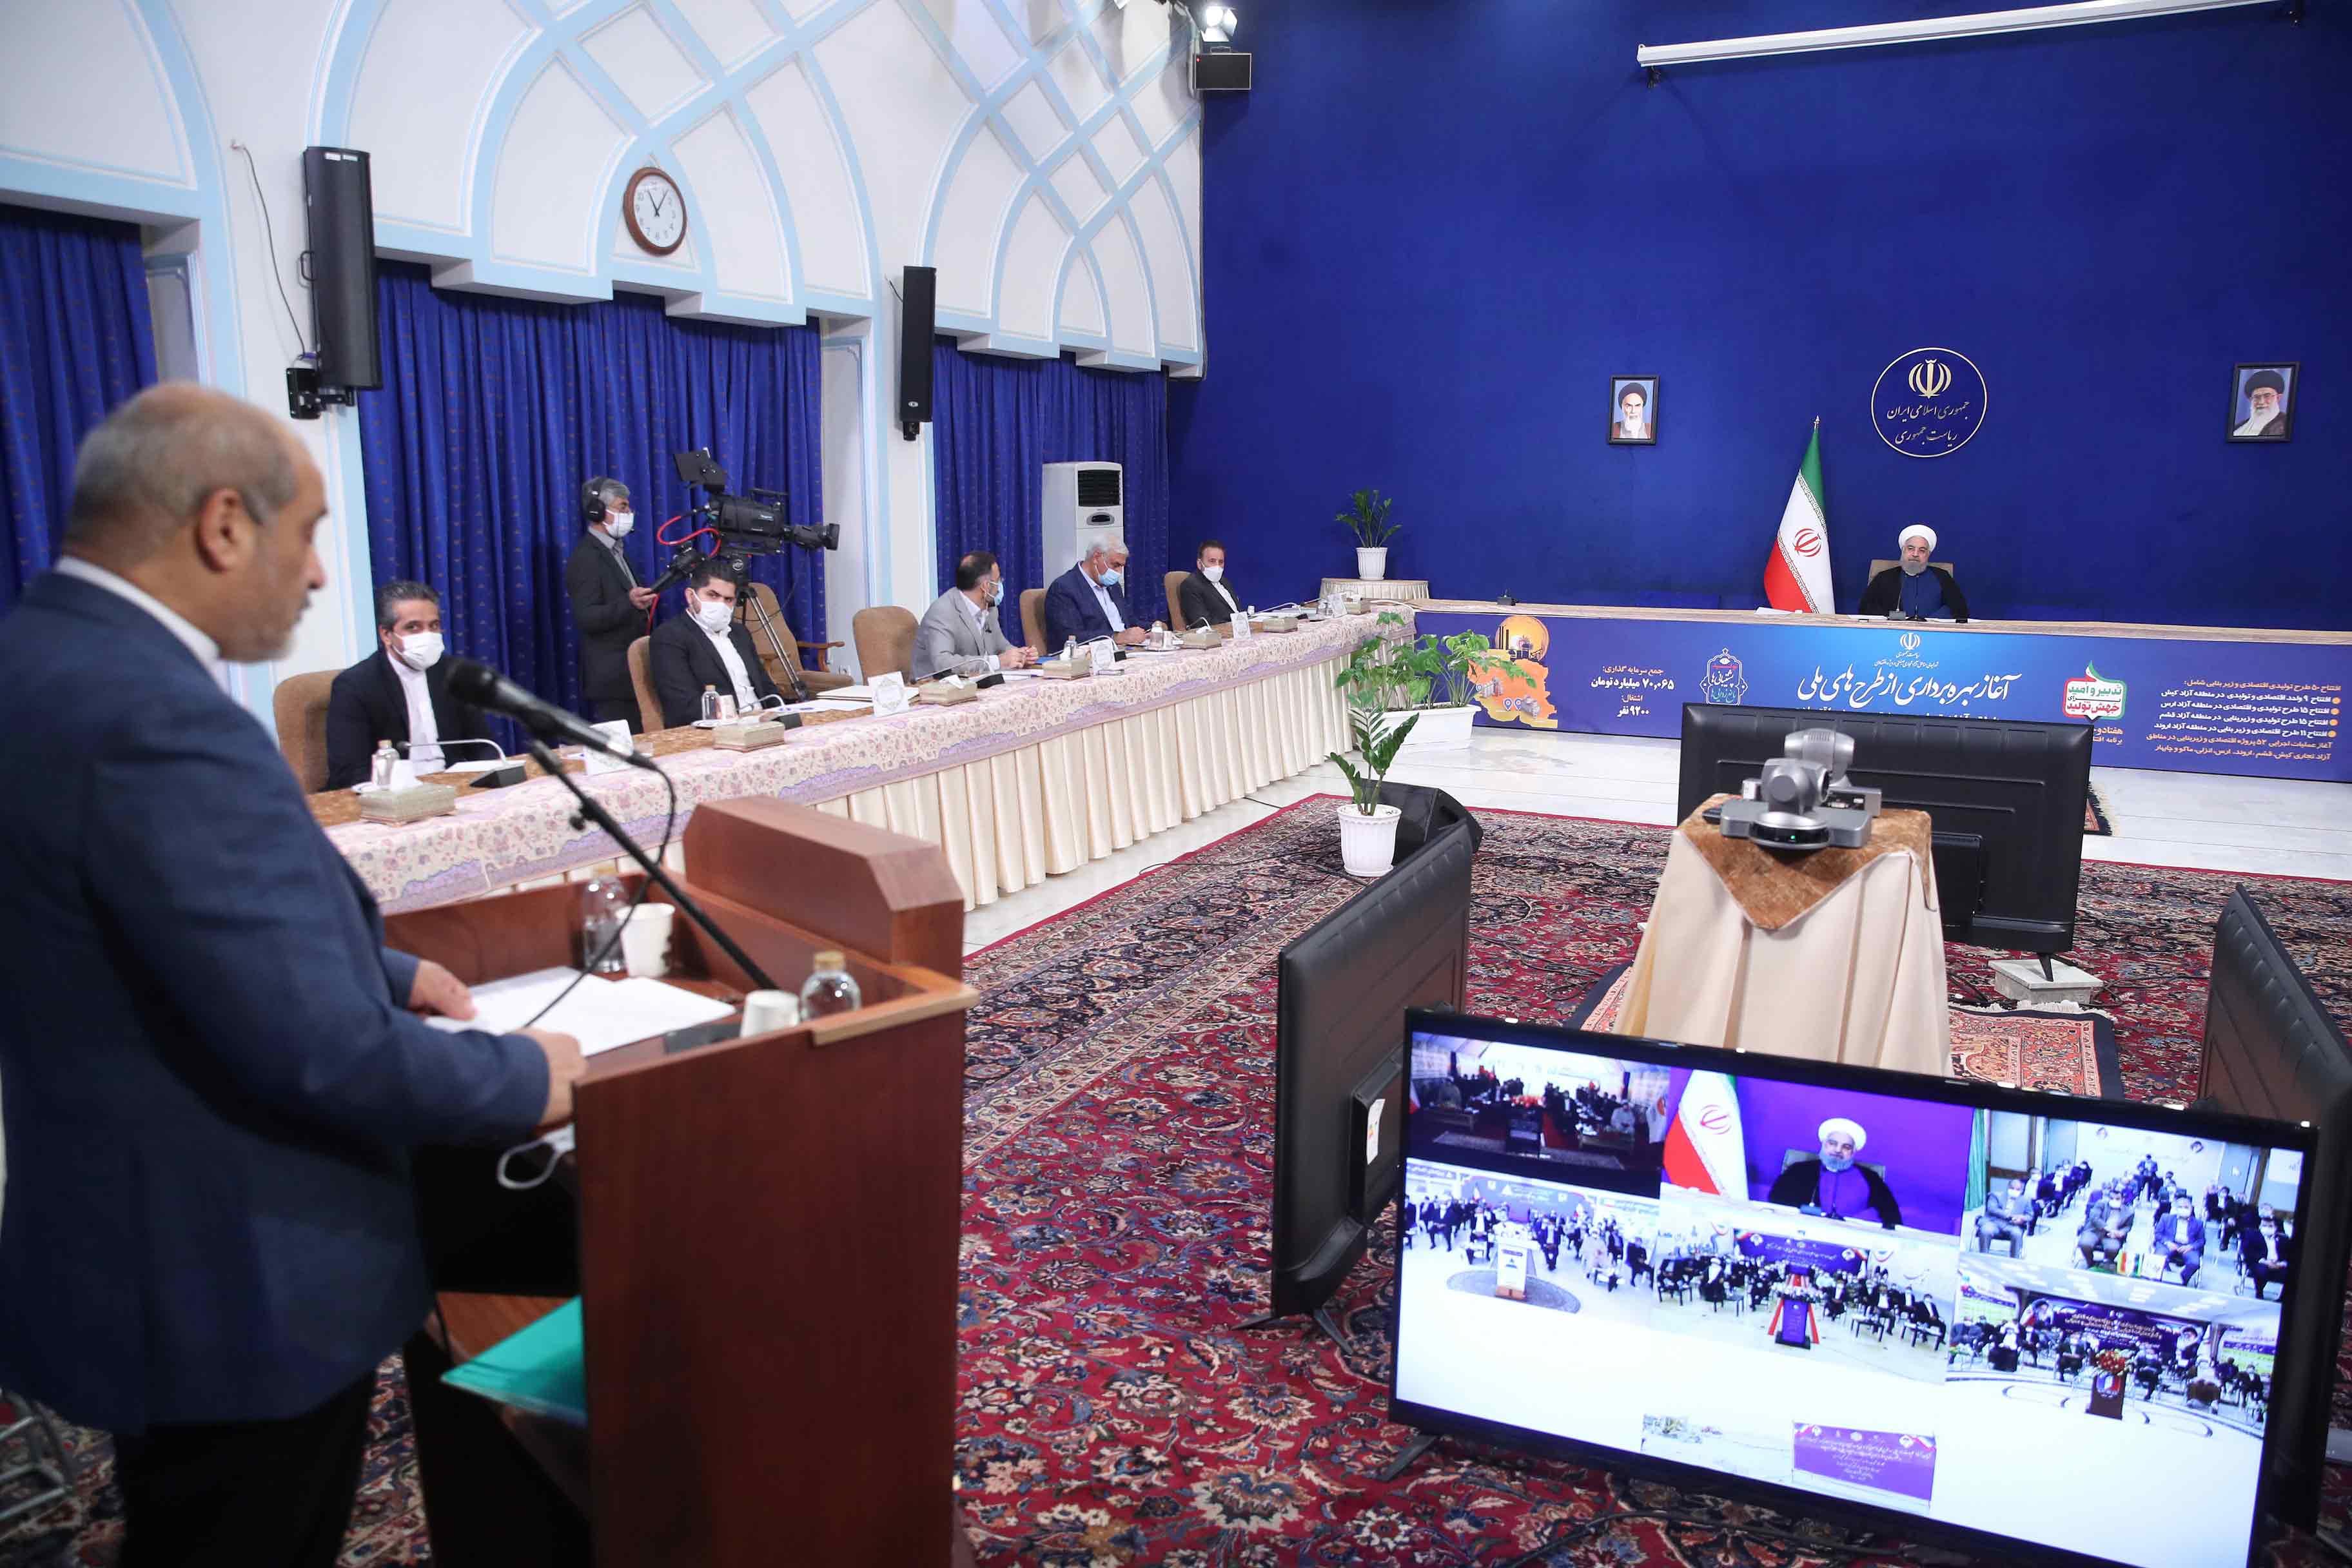 کانال های جدید تامین مالی در مناطق آزاد با راه اندازی بورس بین الملل